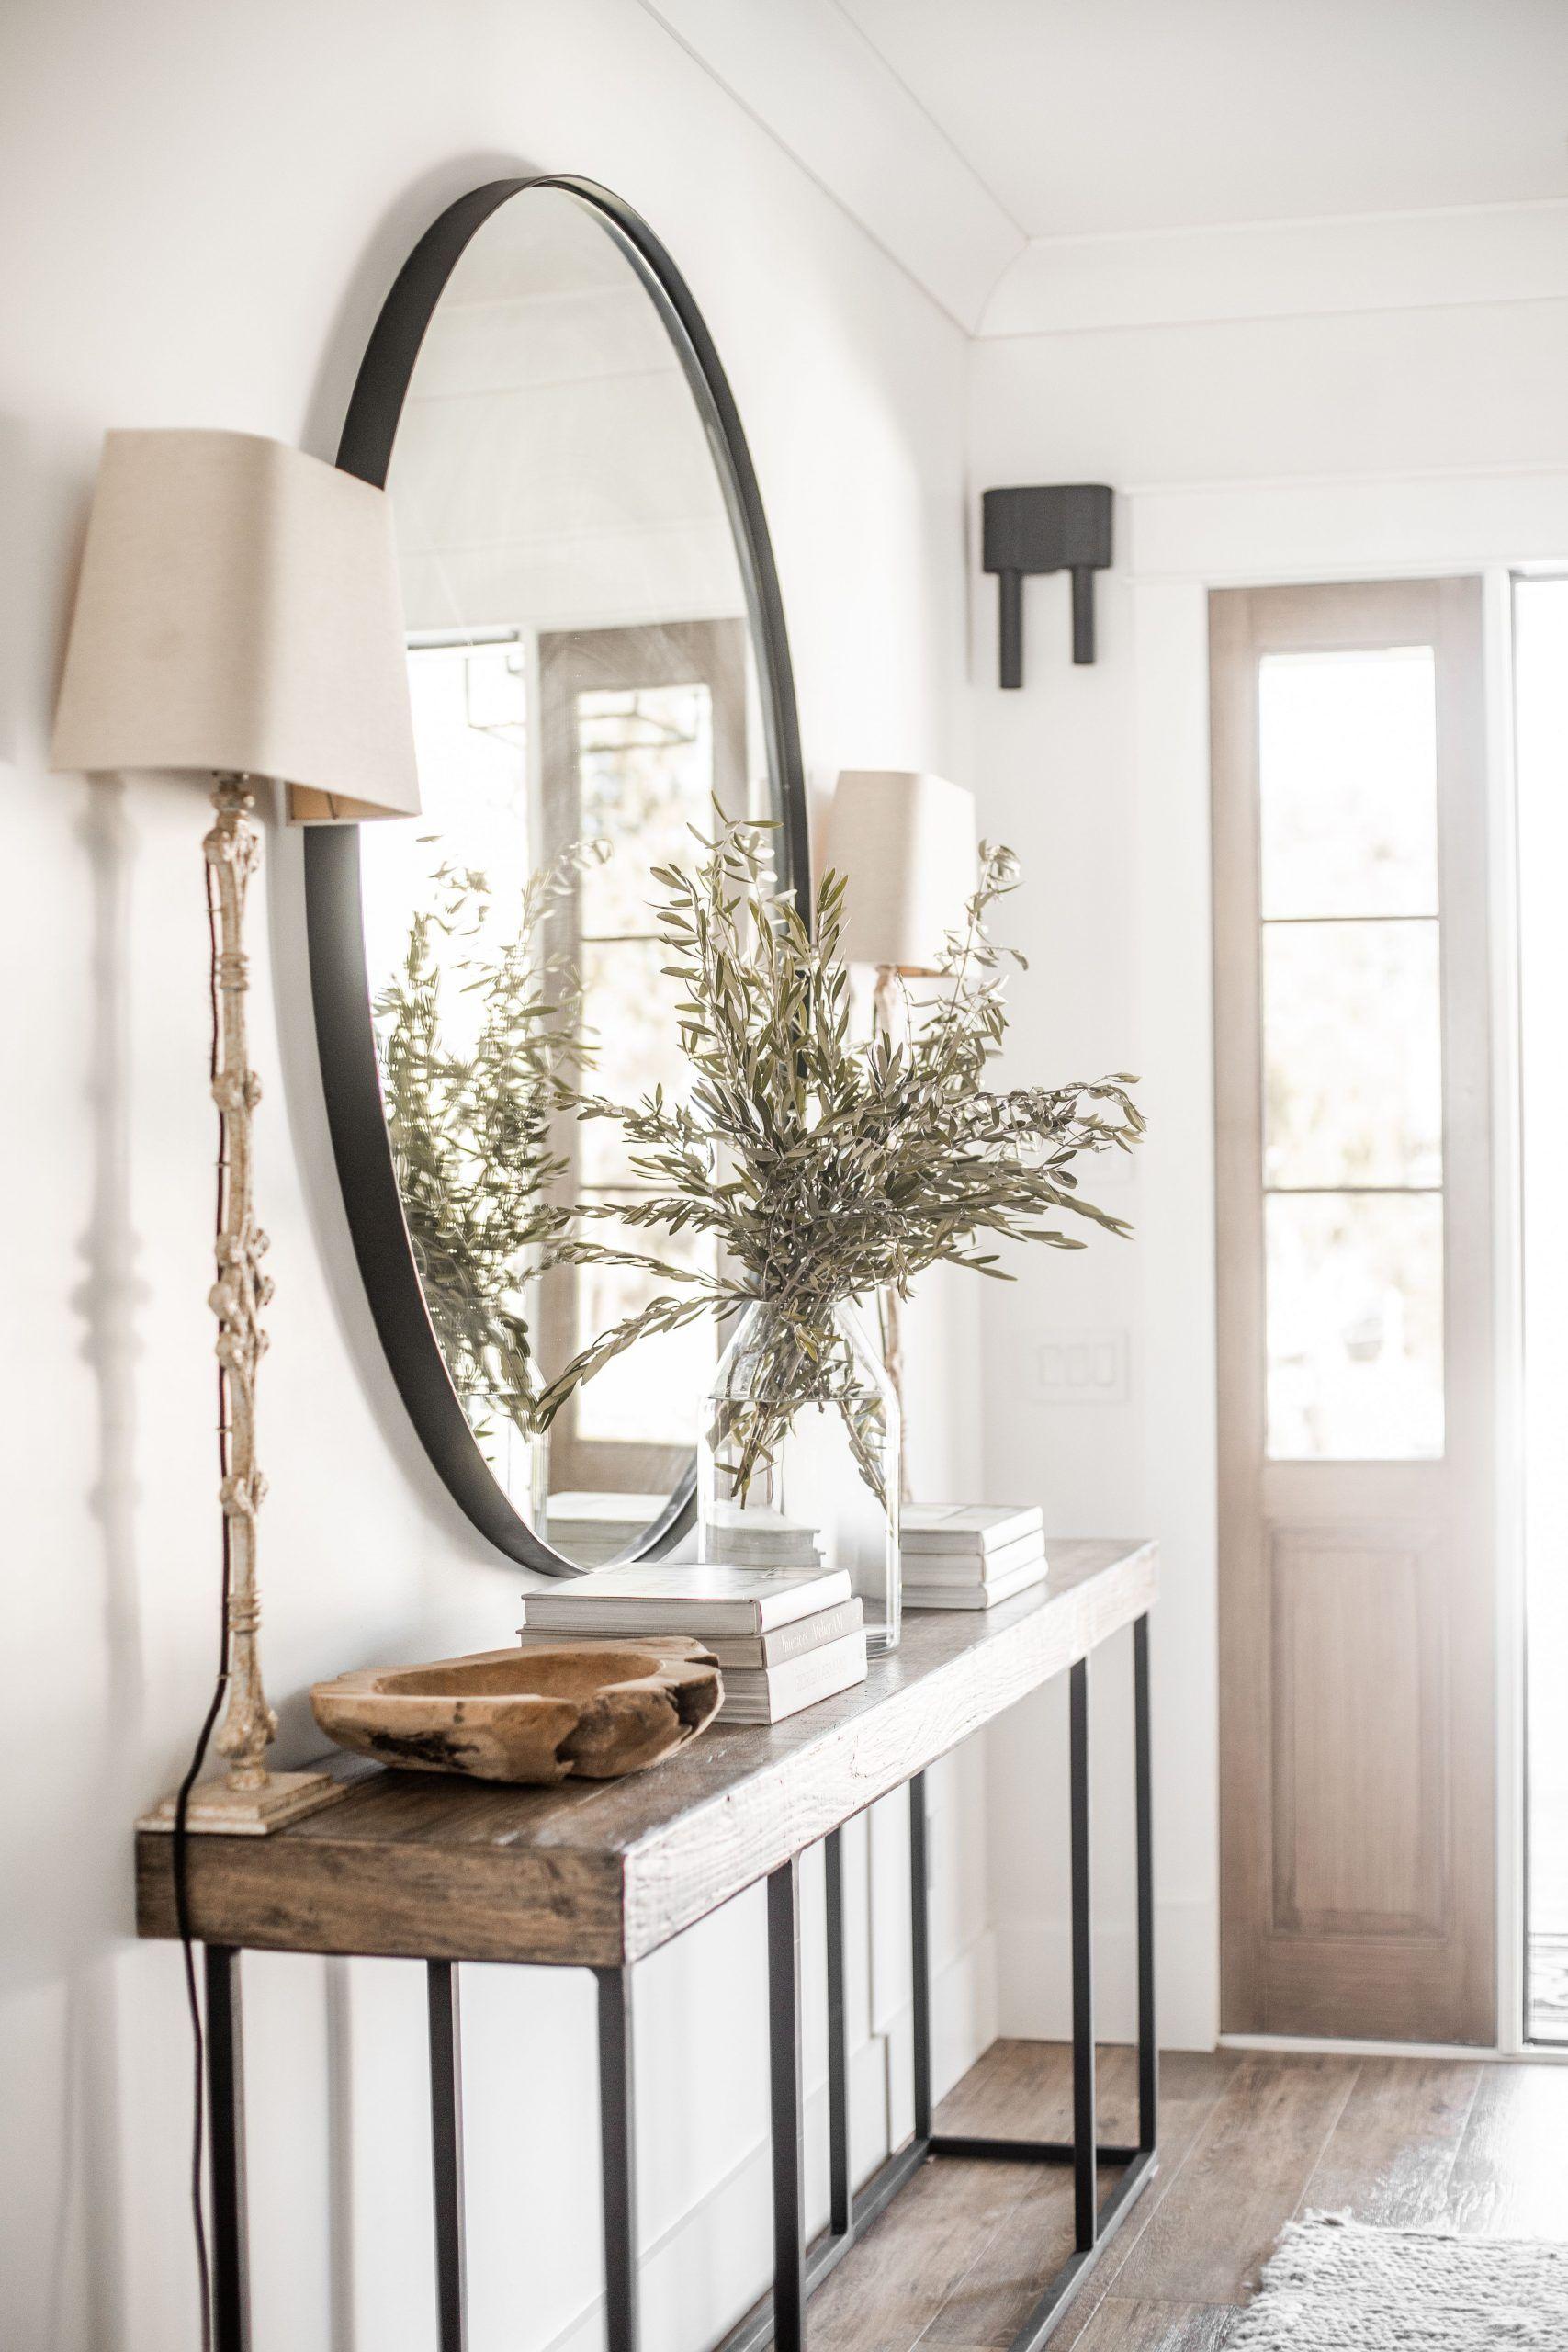 Circle Mirror Entryway Decor In 2020 Entryway Decor Small Entrance Decor House Interior